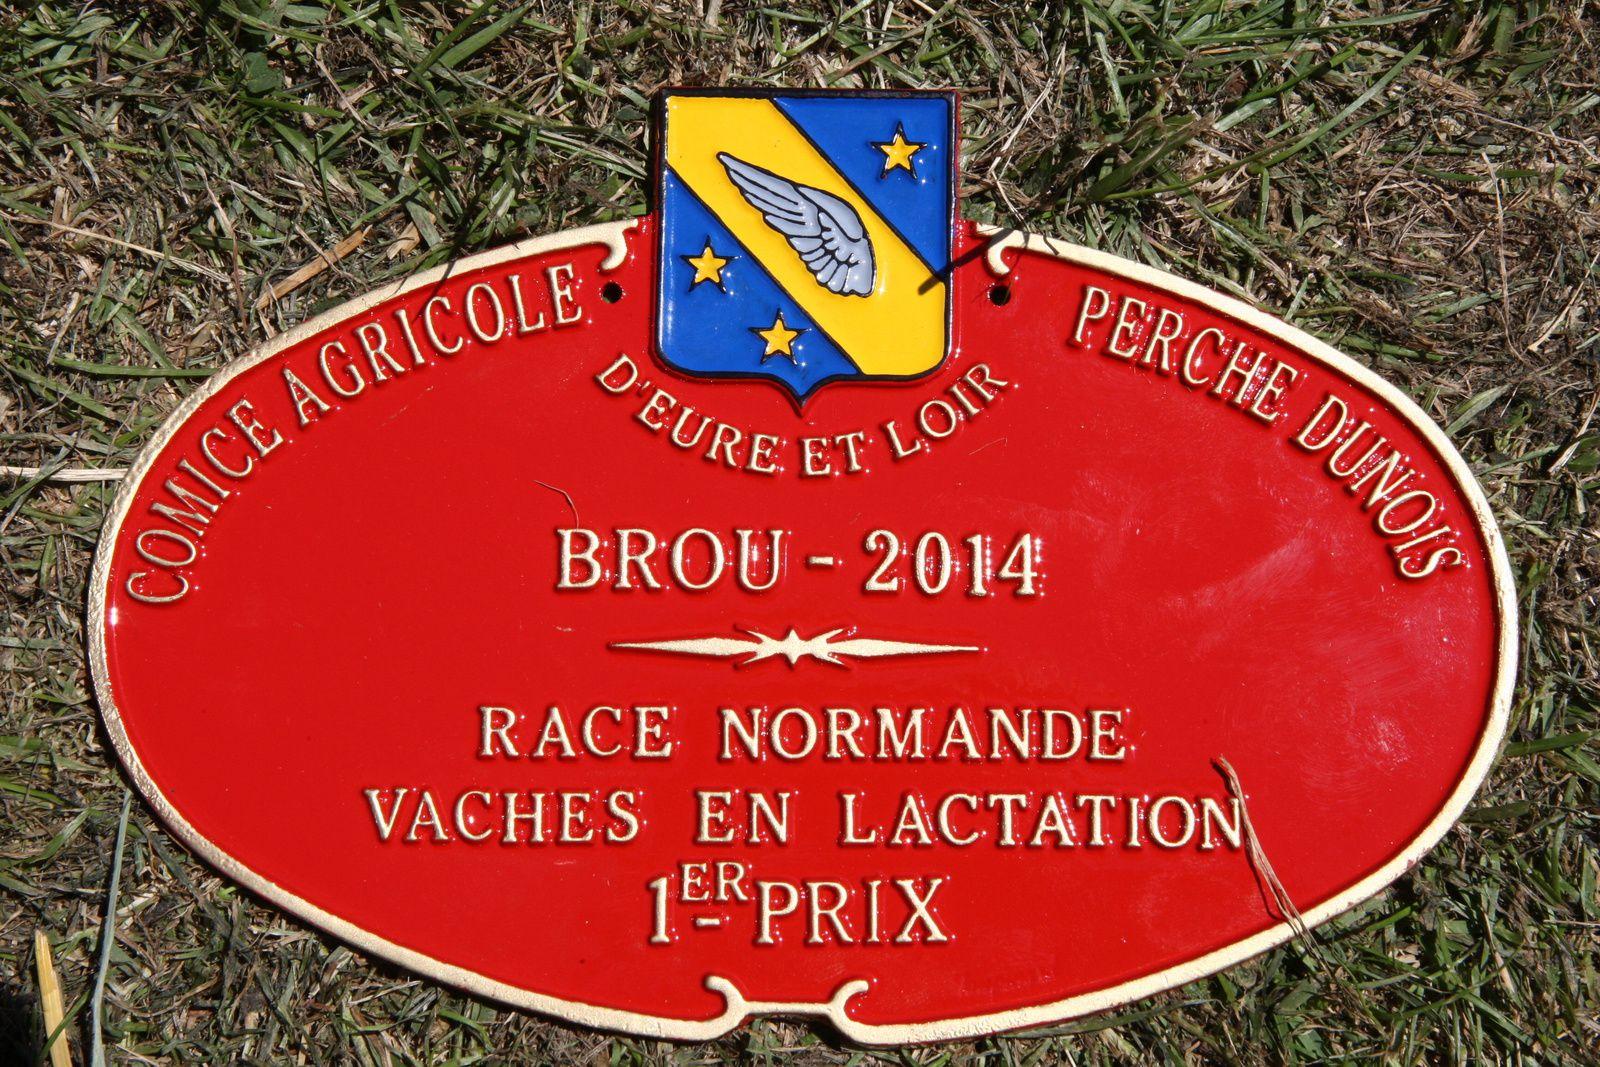 Une plaque que nos éleveurs ont collectionné ce week-end (photo Loïc Legrand)